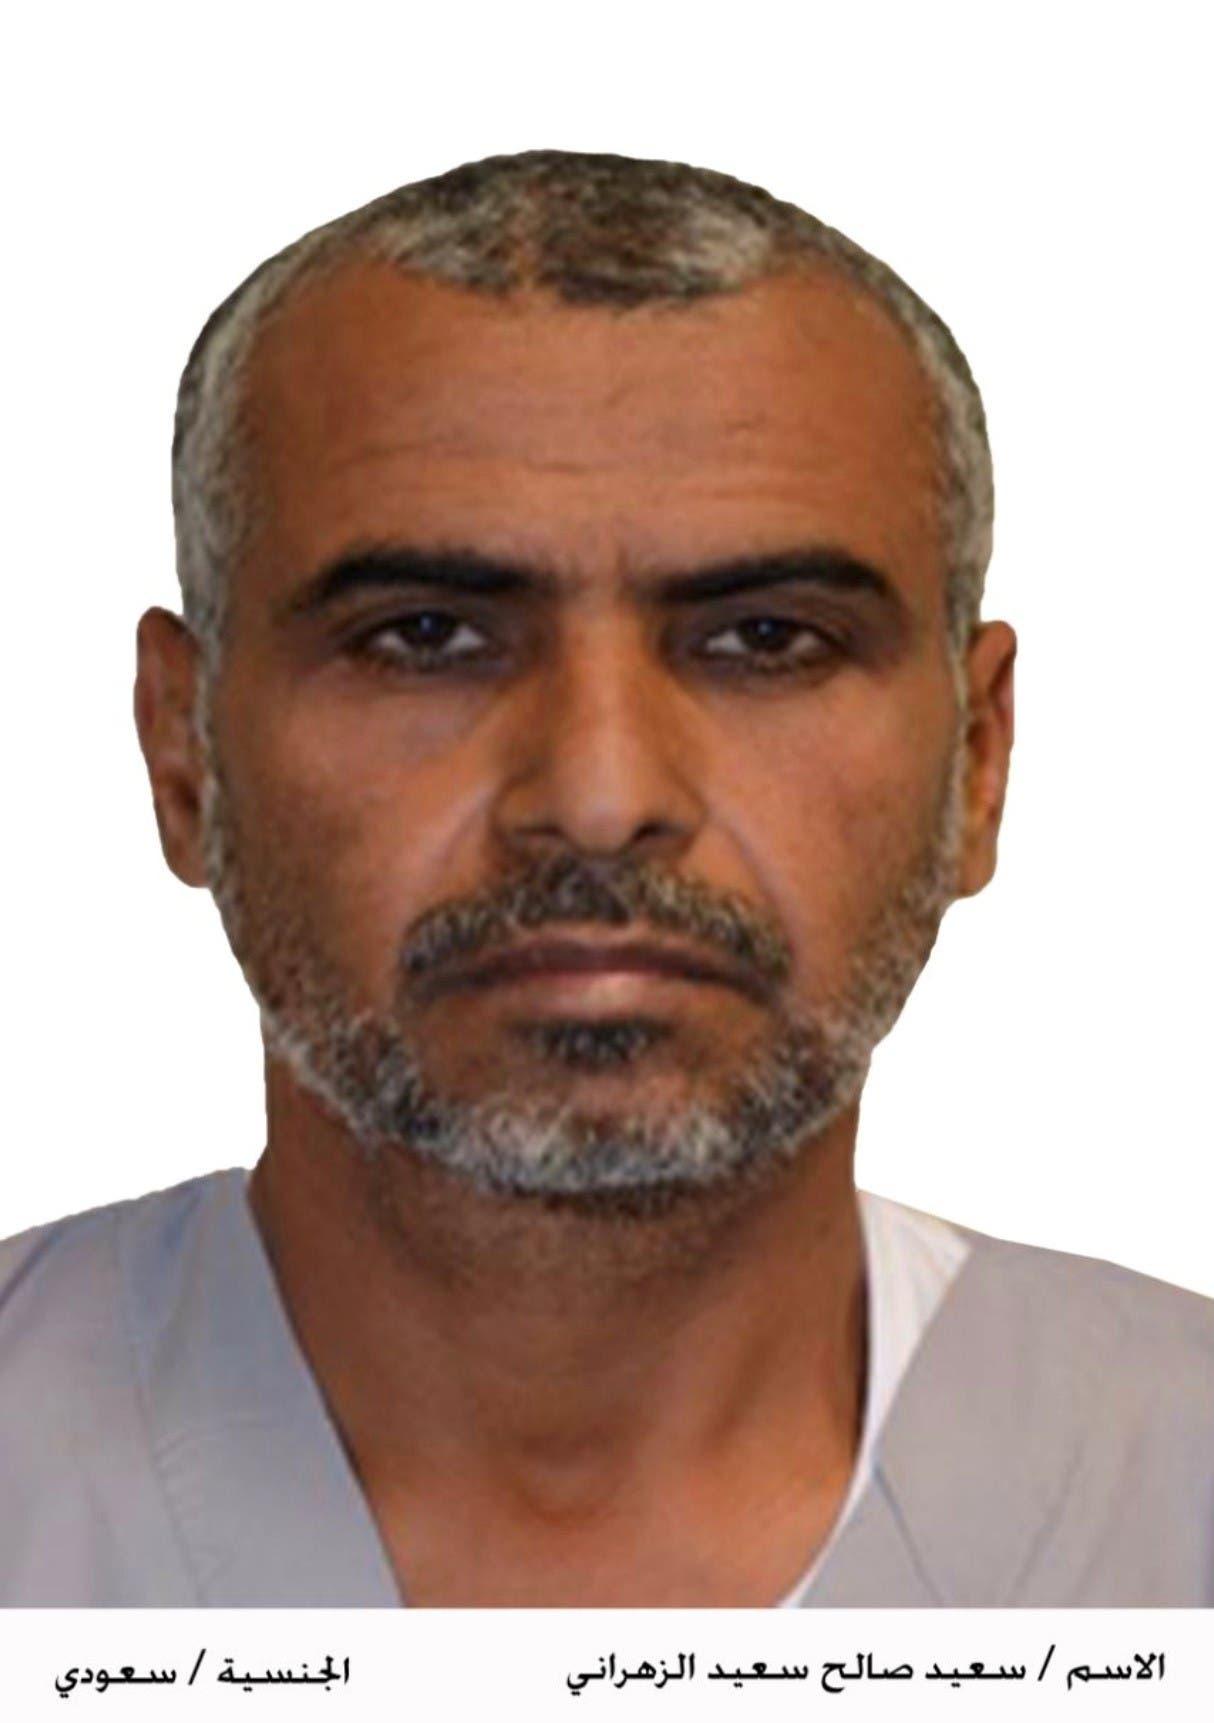 Saeed Saleh Saeed al- Zahrani (Saudi). (Supplied)